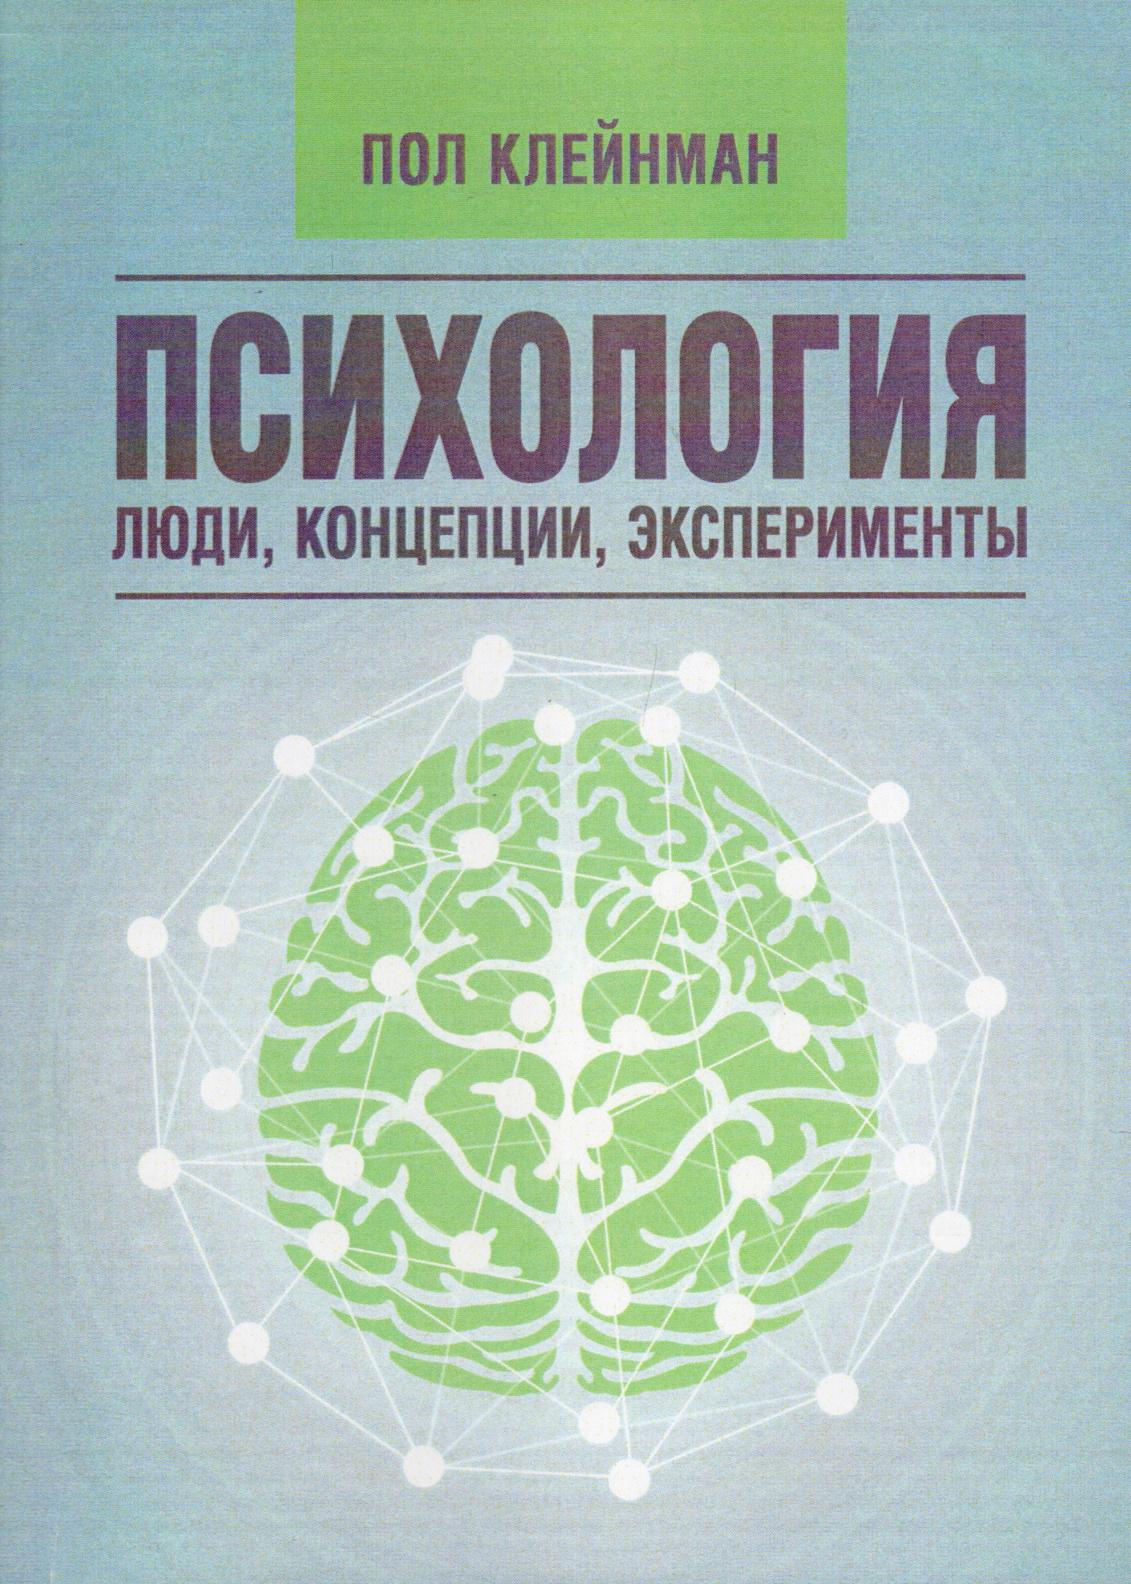 Психология. Люди, концепции, эксперименты.